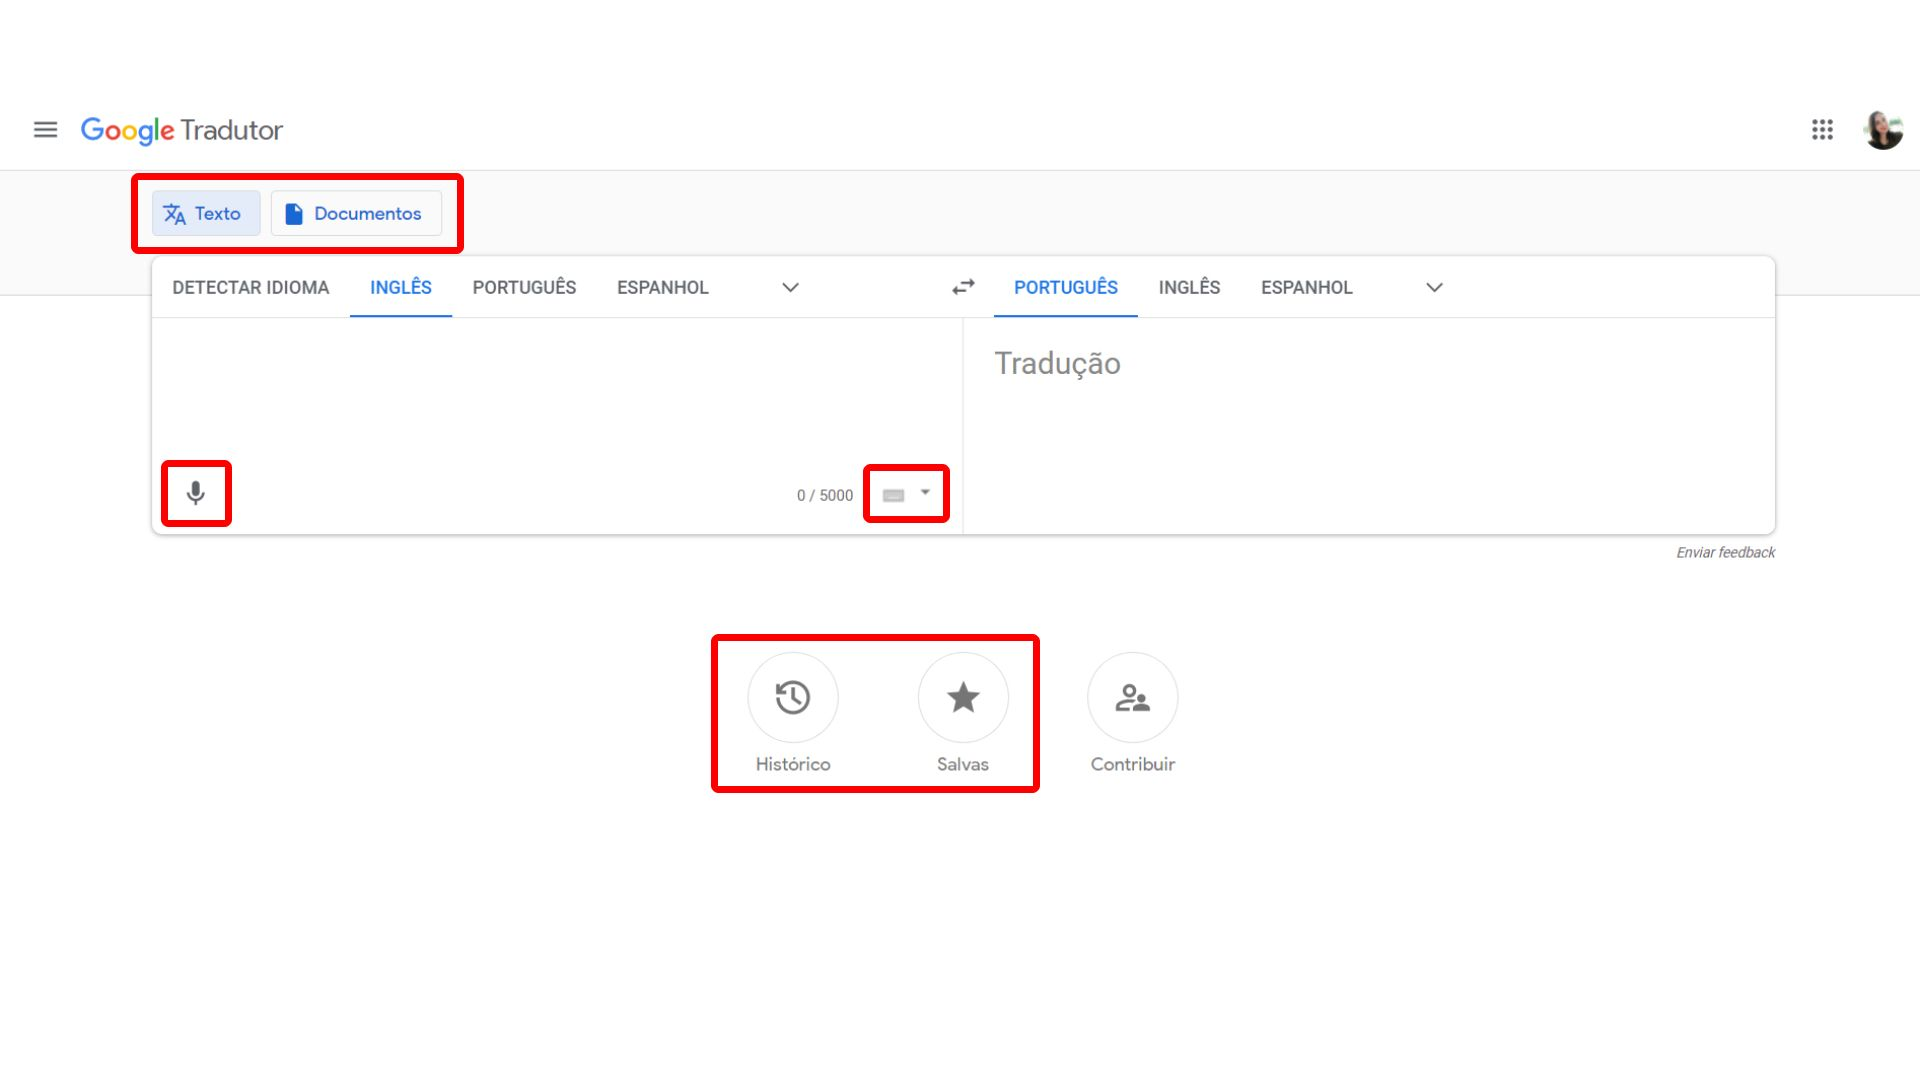 Google Tradutor oferece recursos para tradução de documentos e tradução por voz (Foto: Arte/Zoom)